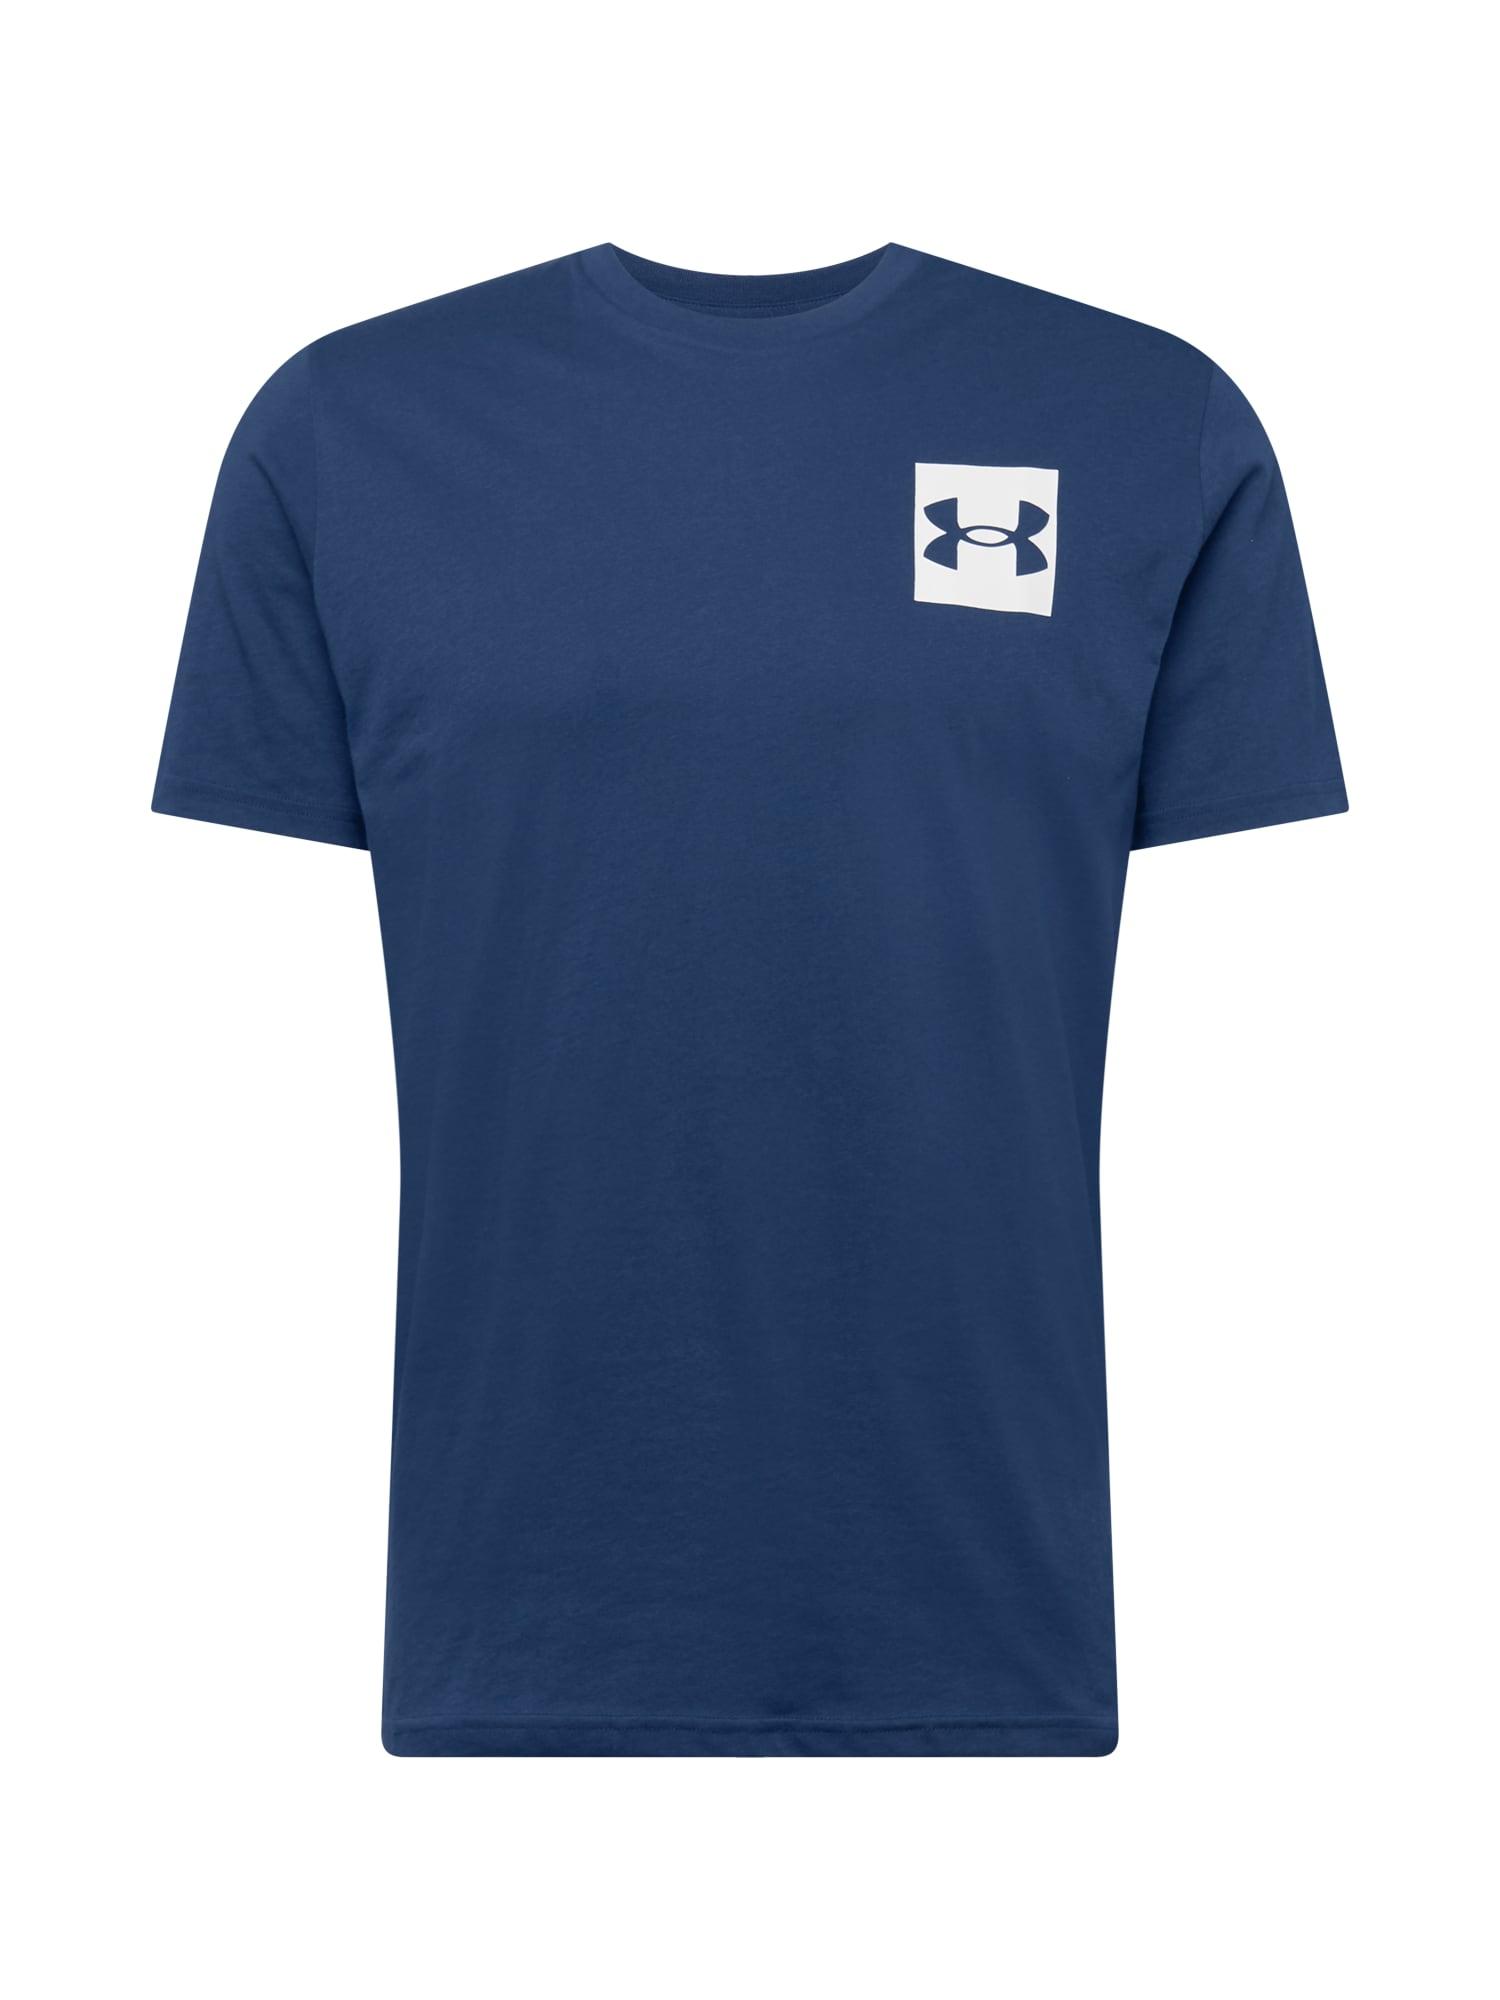 UNDER ARMOUR Funkční tričko  námořnická modř / bílá